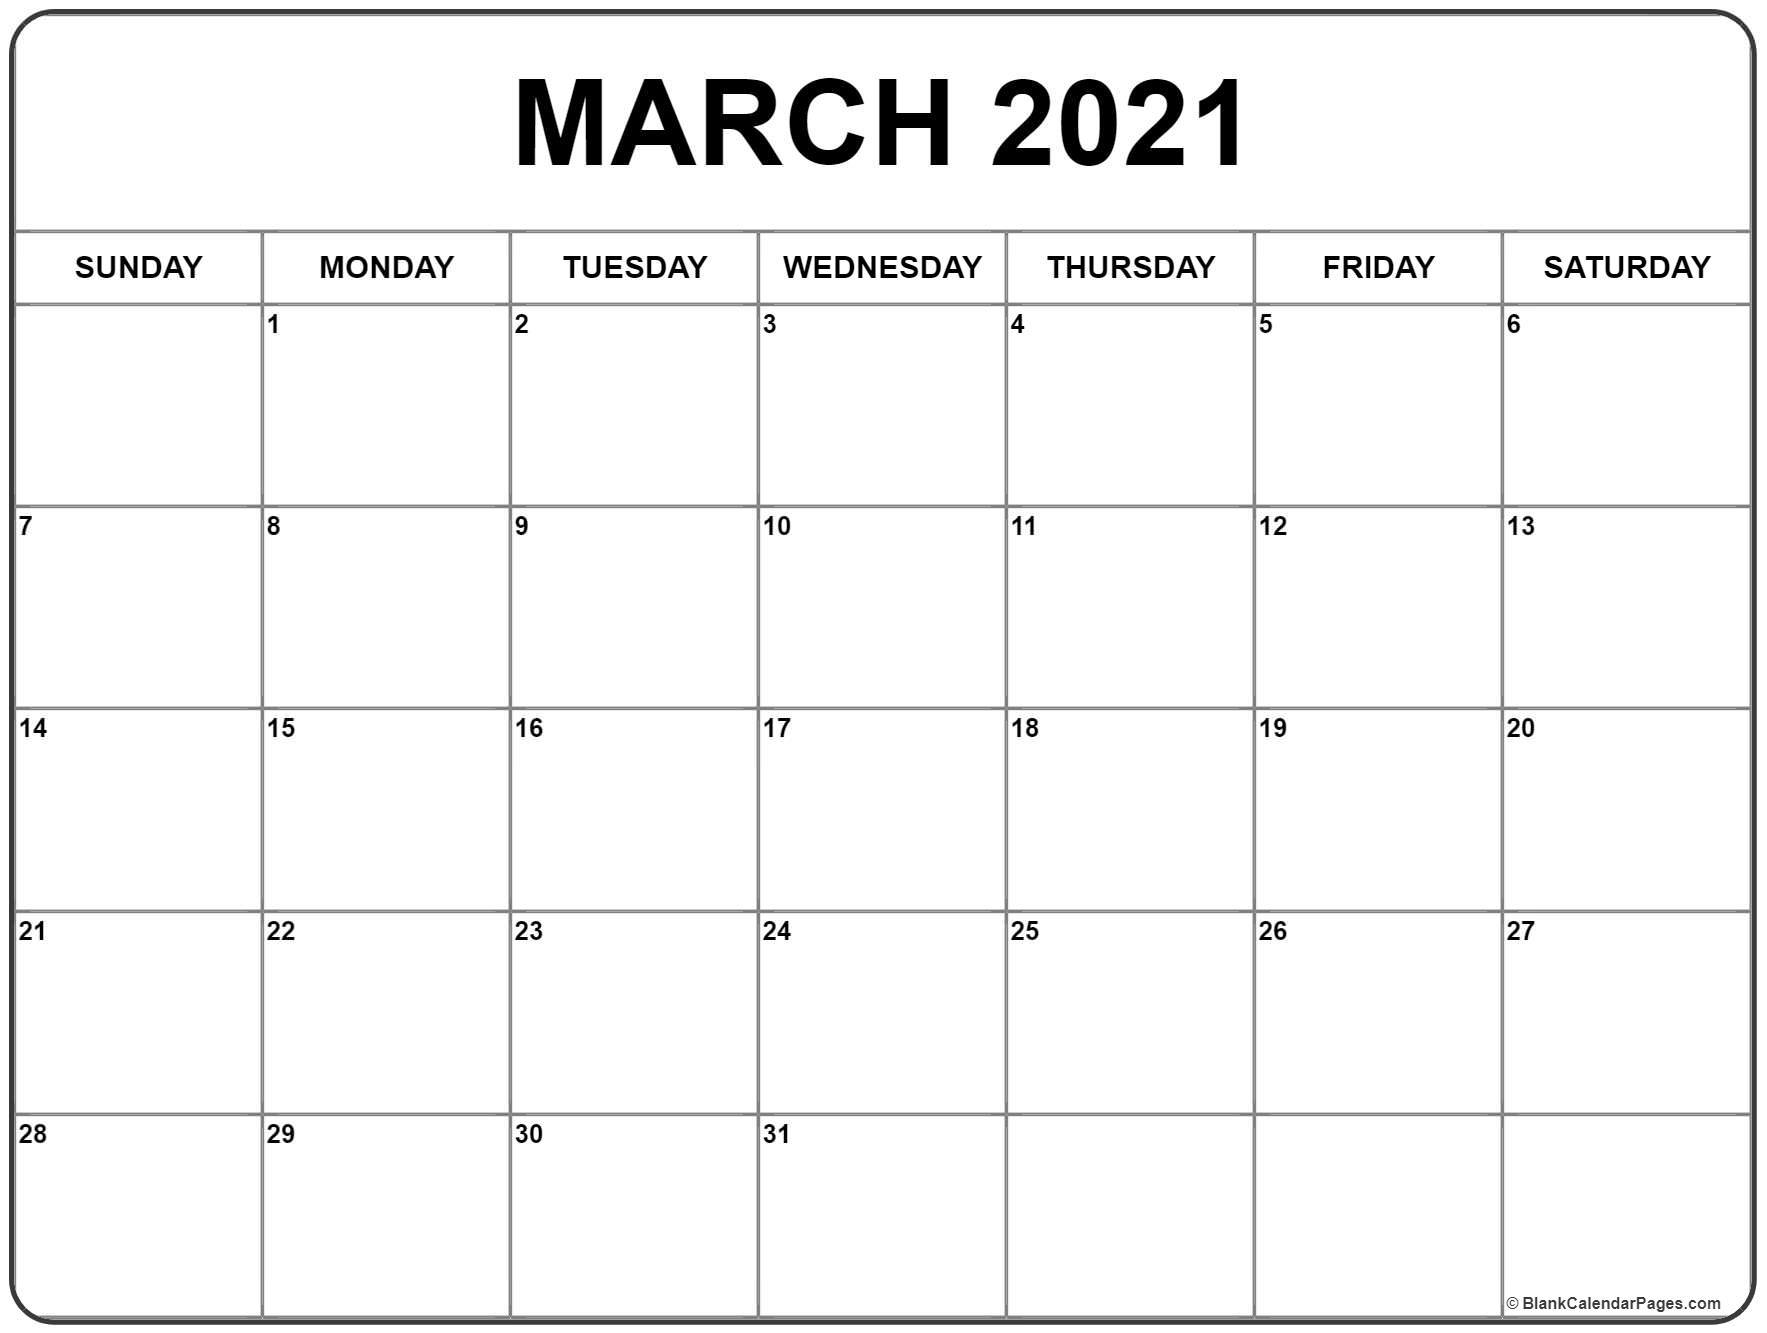 Pick Calendar April 2021 March 2021